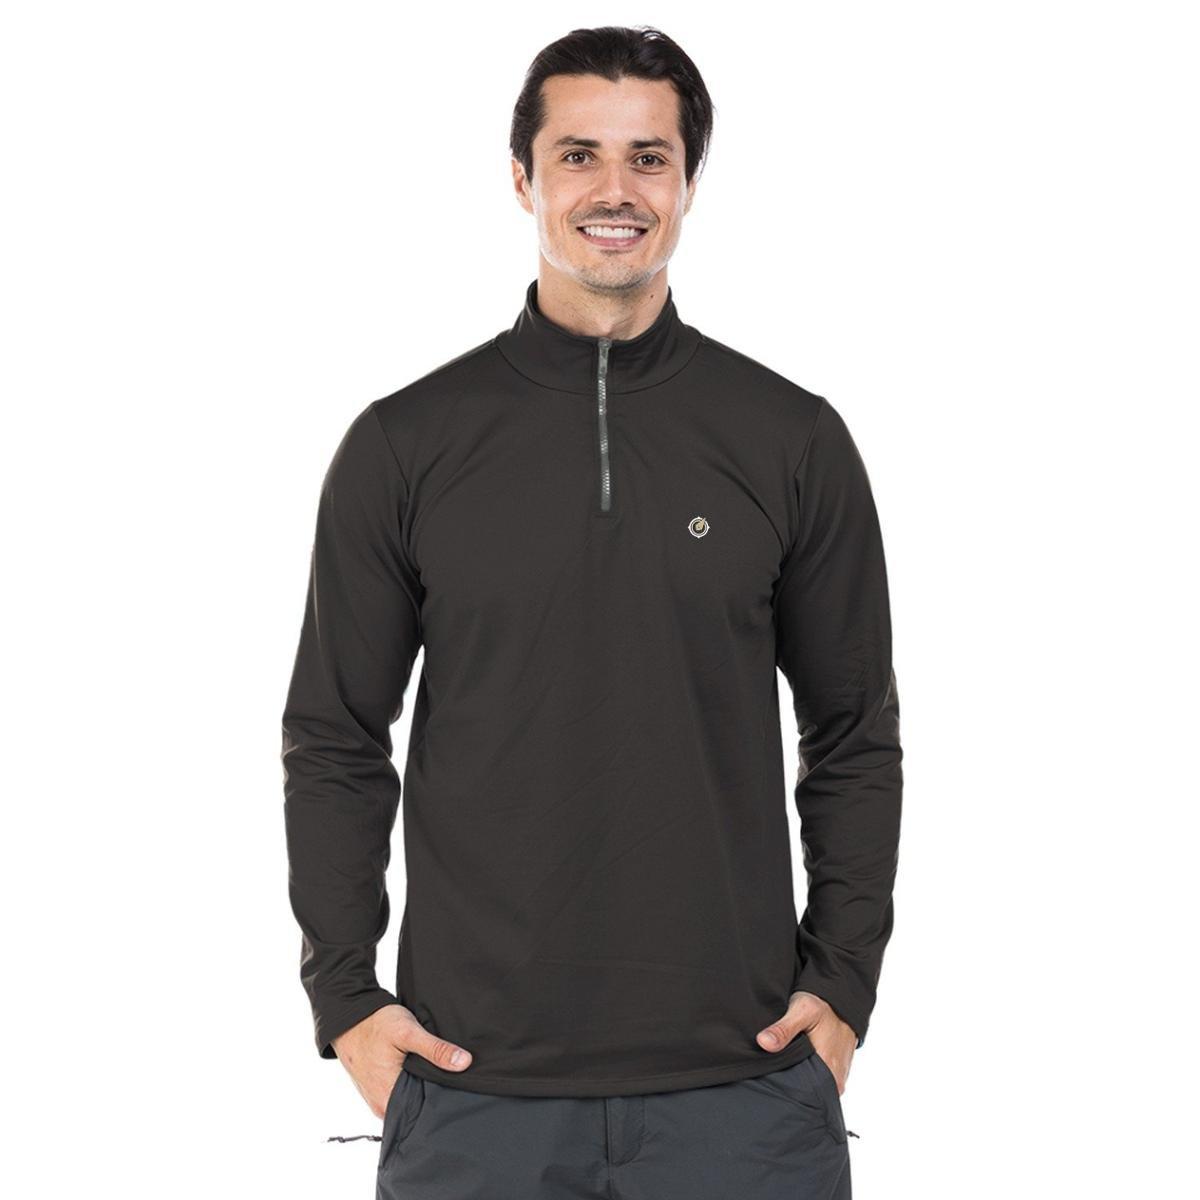 6011af6f412d4 Camisa Térmica para Frio com Gola Alta Extreme UV - Chumbo - Compre Agora